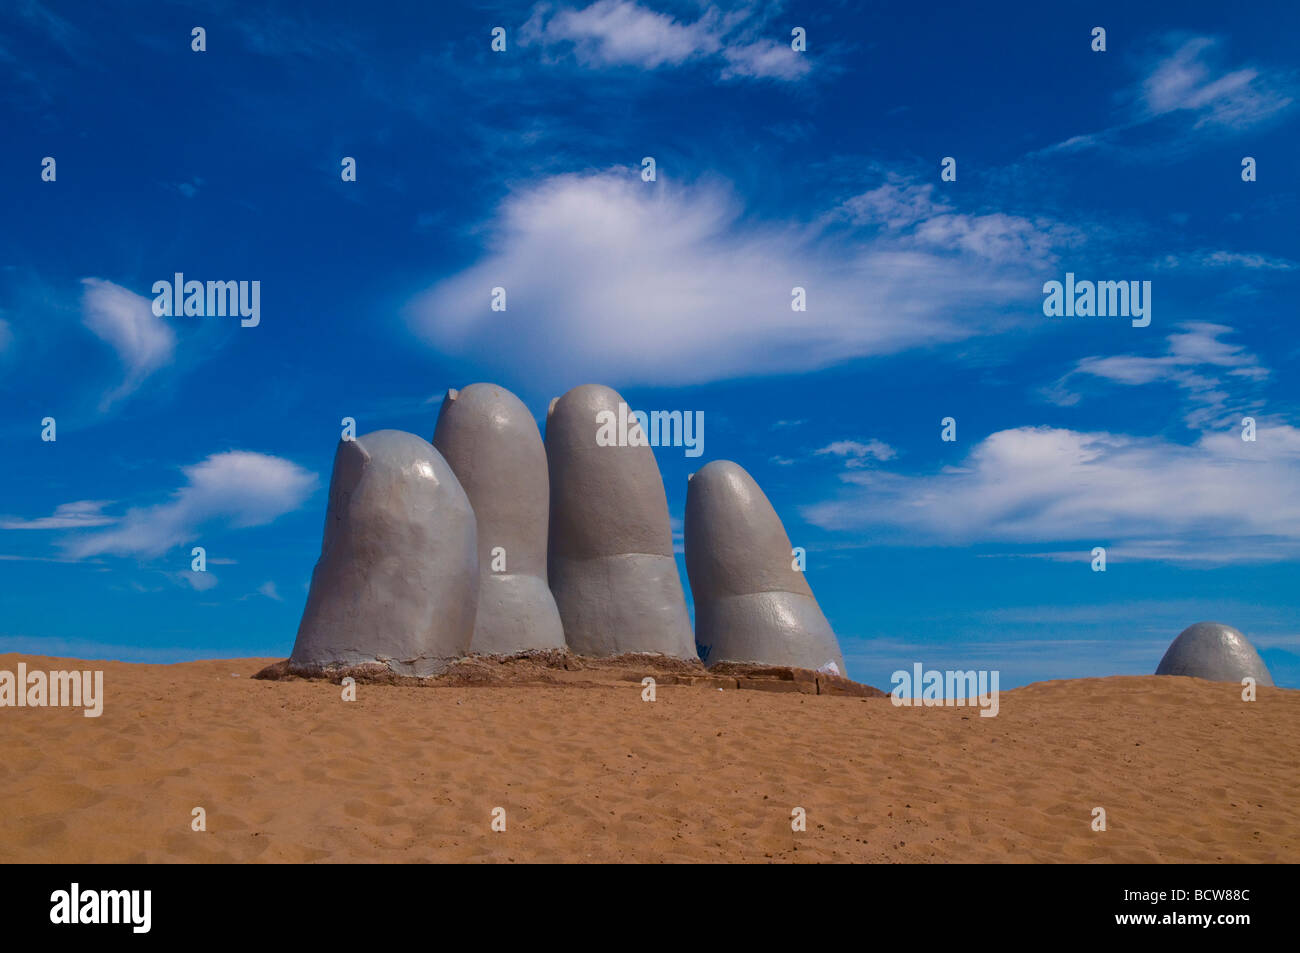 La mano di una celebre scultura a Punta del Este Uruguay Immagini Stock